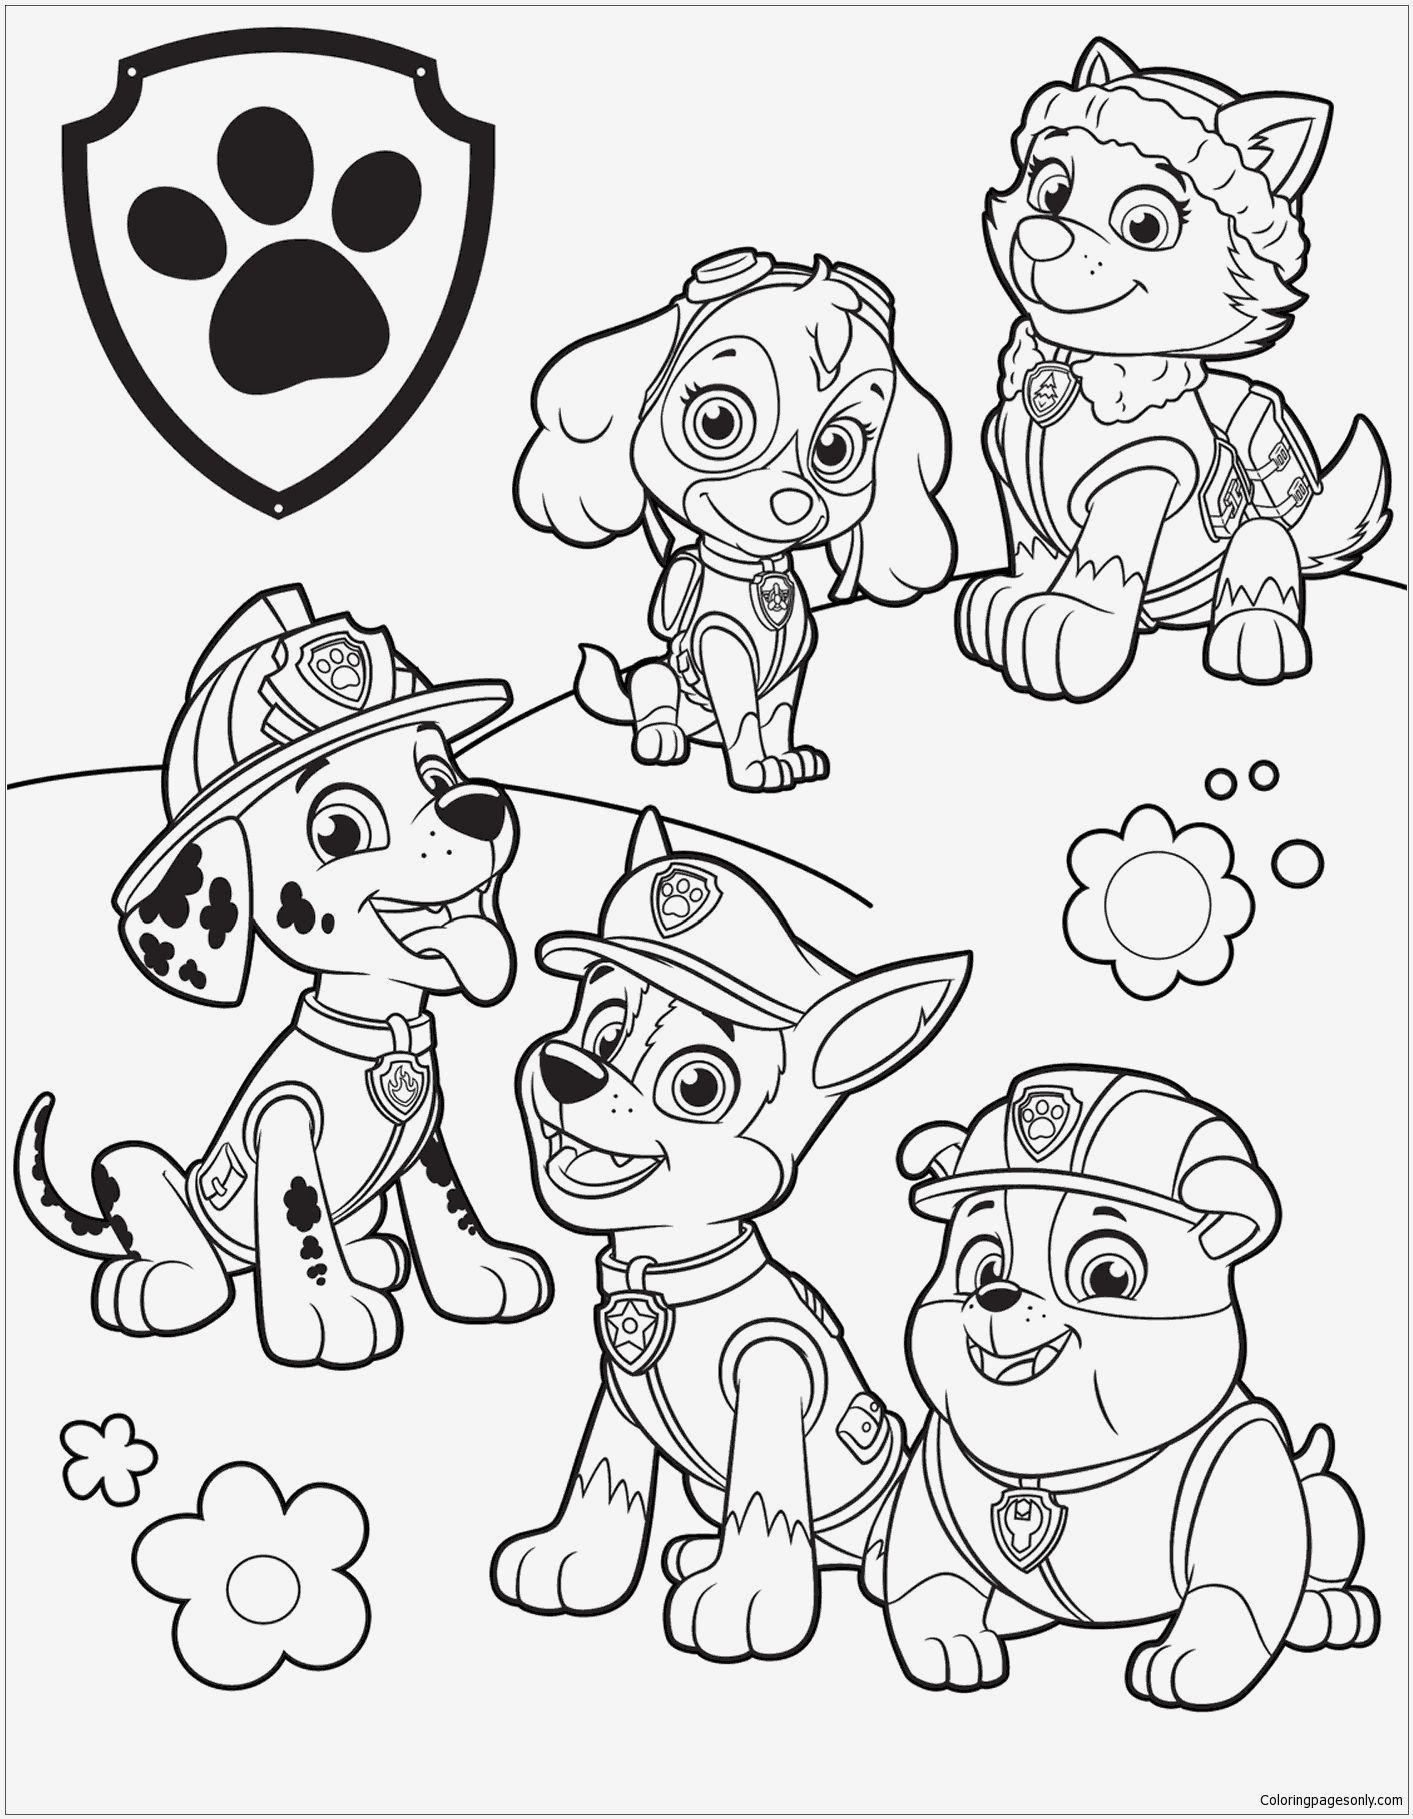 Weihnachten Malvorlagen Malvorlage Spannende Coloring Patrol Bilder Design Pawpaw Paw Patrol Coloring Pages Paw Patrol Coloring Cartoon Coloring Pages